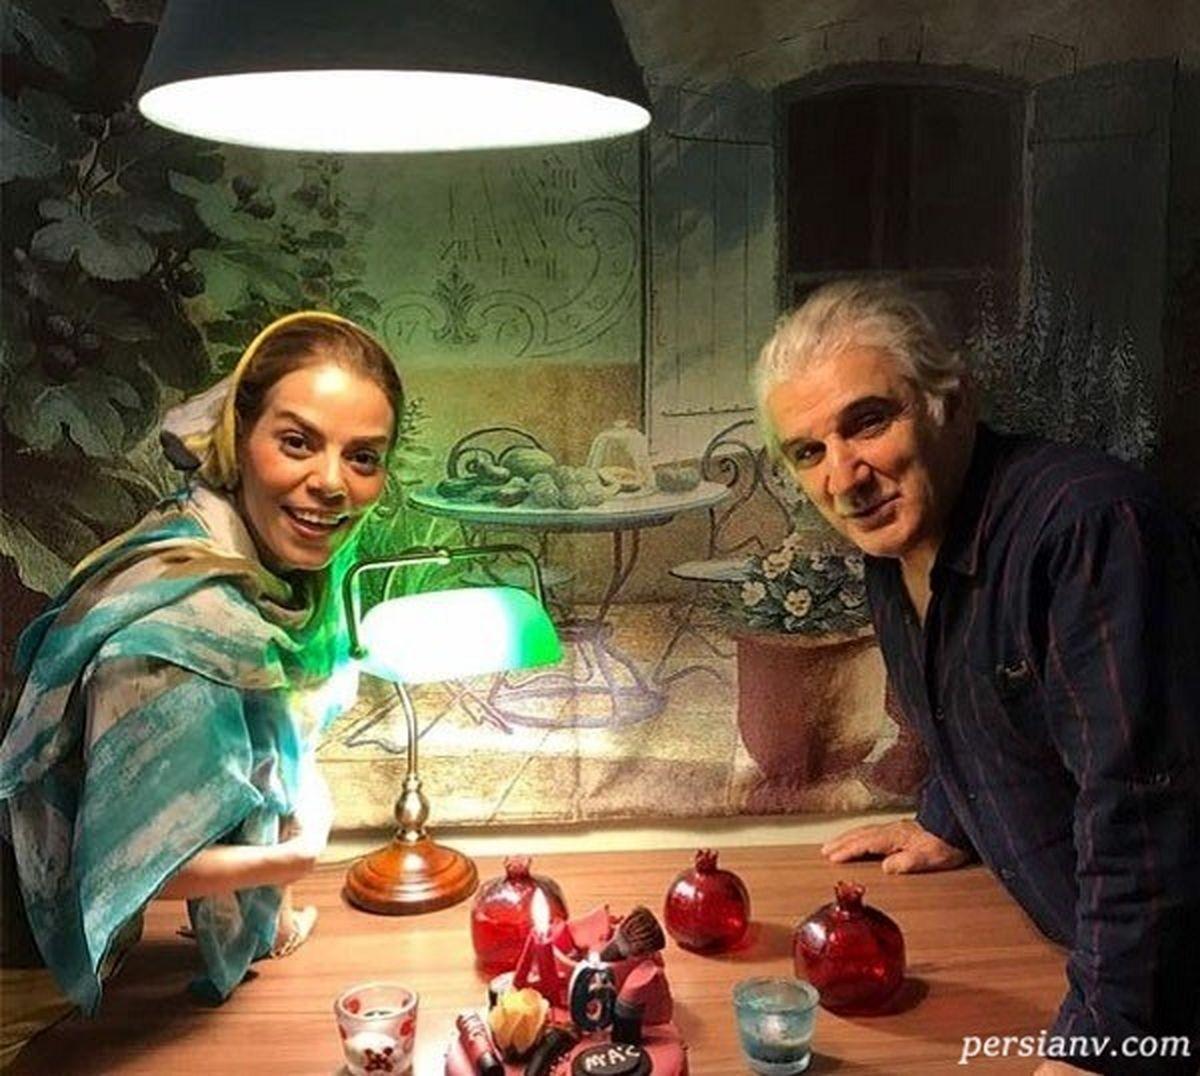 مهنوش صادقی: 20 سال از رابطهام با مهدی هاشمی میگذرد